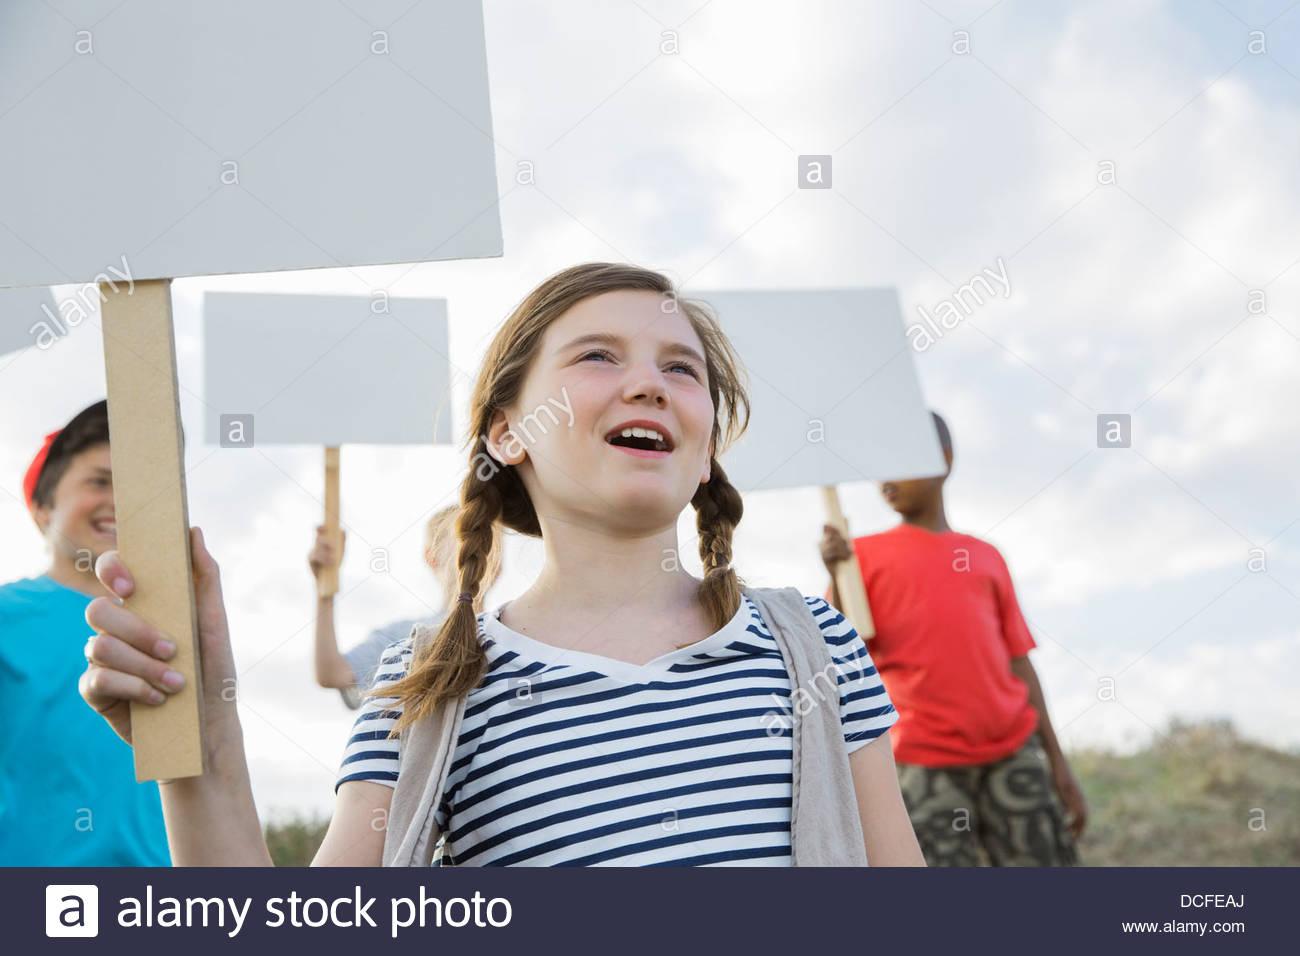 Linda Chica sujetando billboard en blanco al aire libre Imagen De Stock